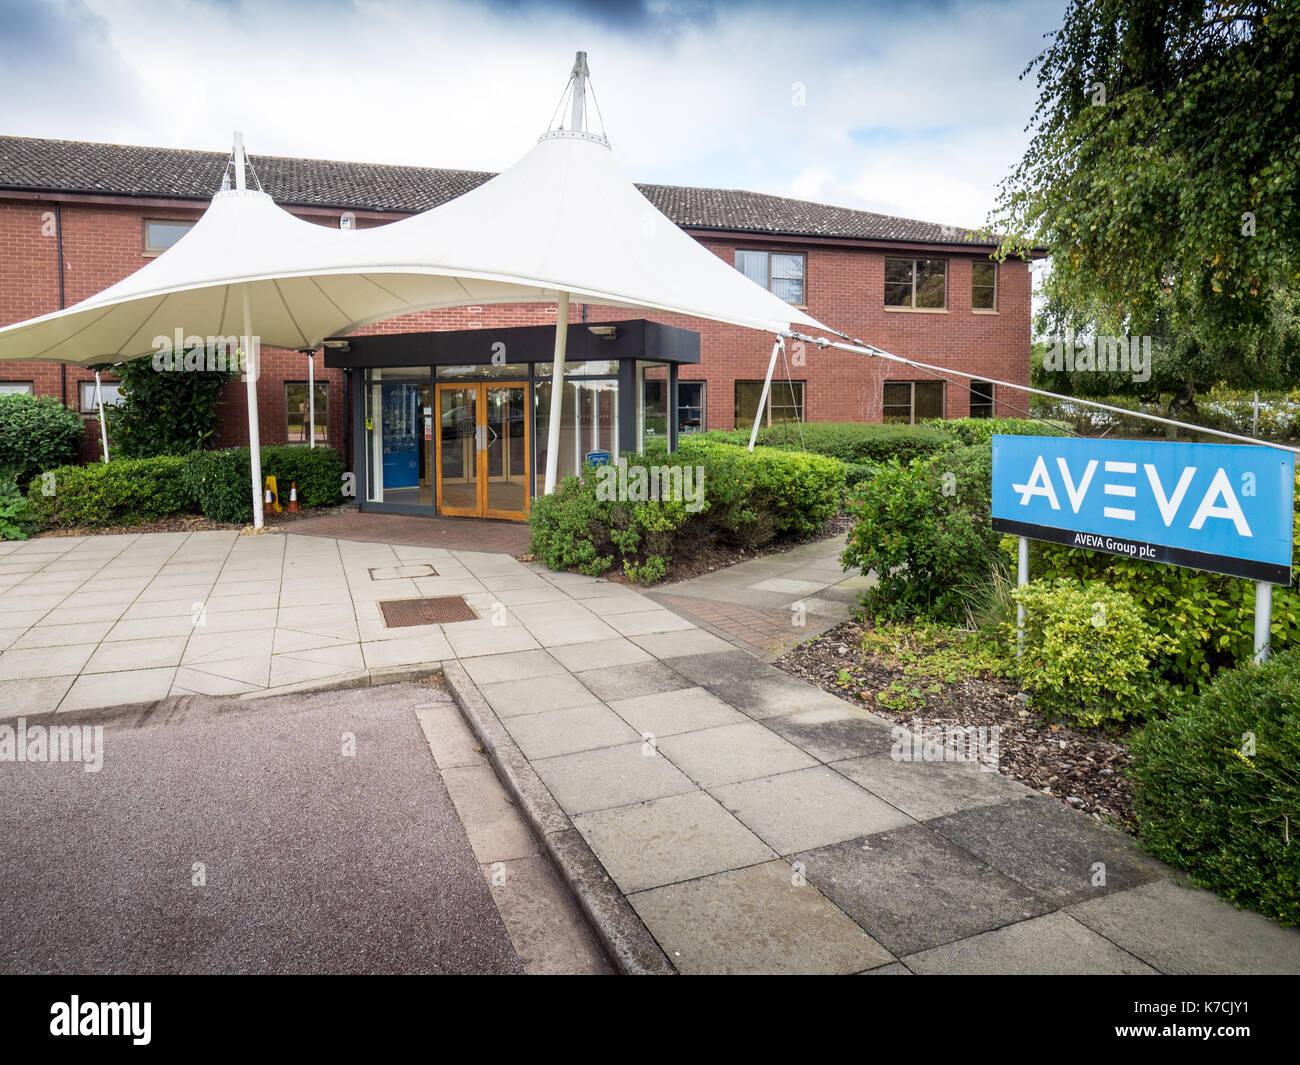 Aveva des bureaux à Cambridge, UK - Aveva est un génie, conception et gestion de l'information aux fournisseurs de logiciels pour le processus, usine et Marine Industries Photo Stock